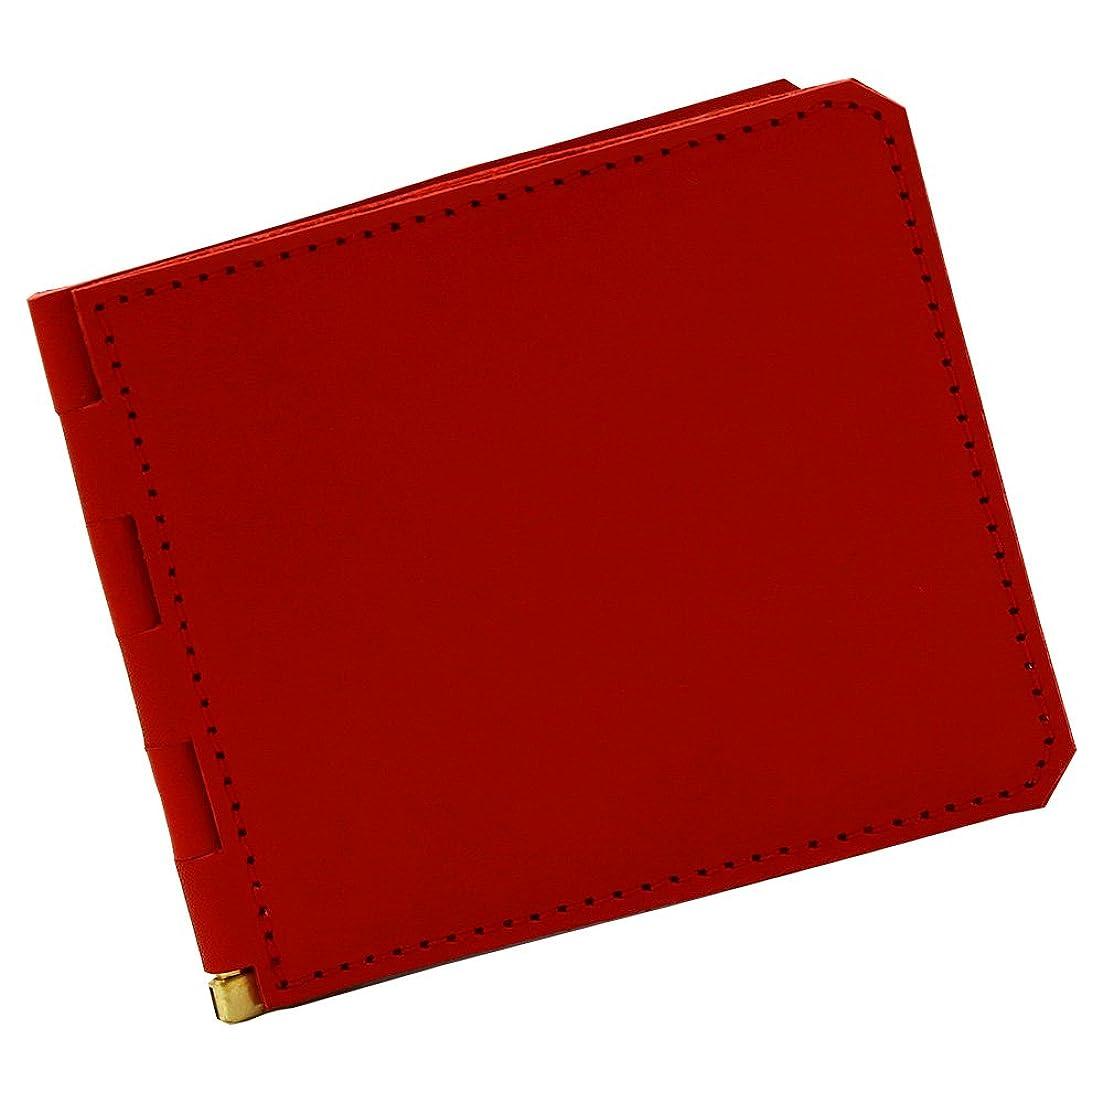 仕事爆発物多用途アジリティアッファ(AGILITY affa)『アジェンダ』マネークリップ 札入れ 財布 カードケース 革 レザー 蝶番 シンプル フラット